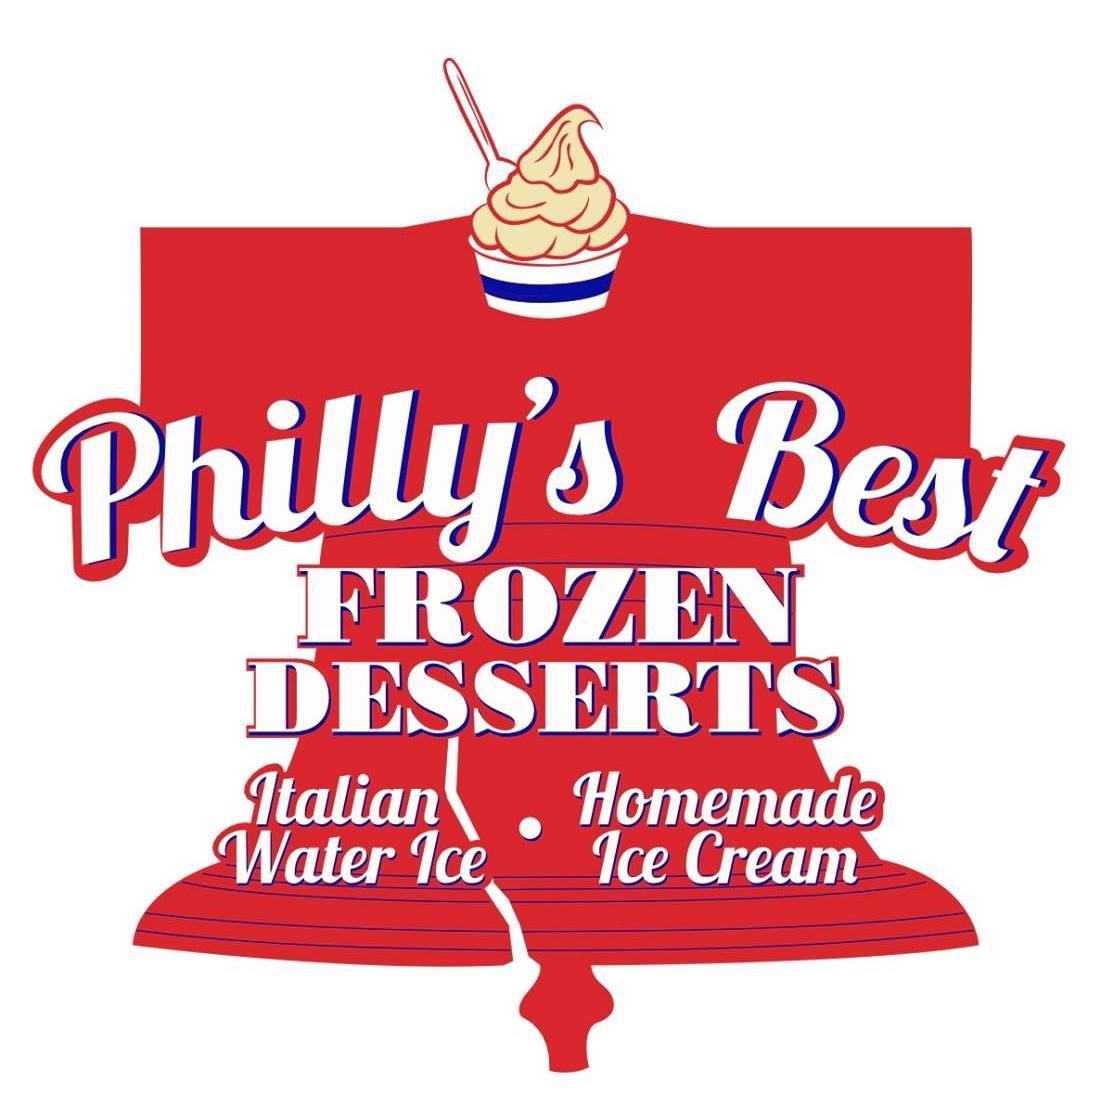 Philly's Best Frozen Desserts